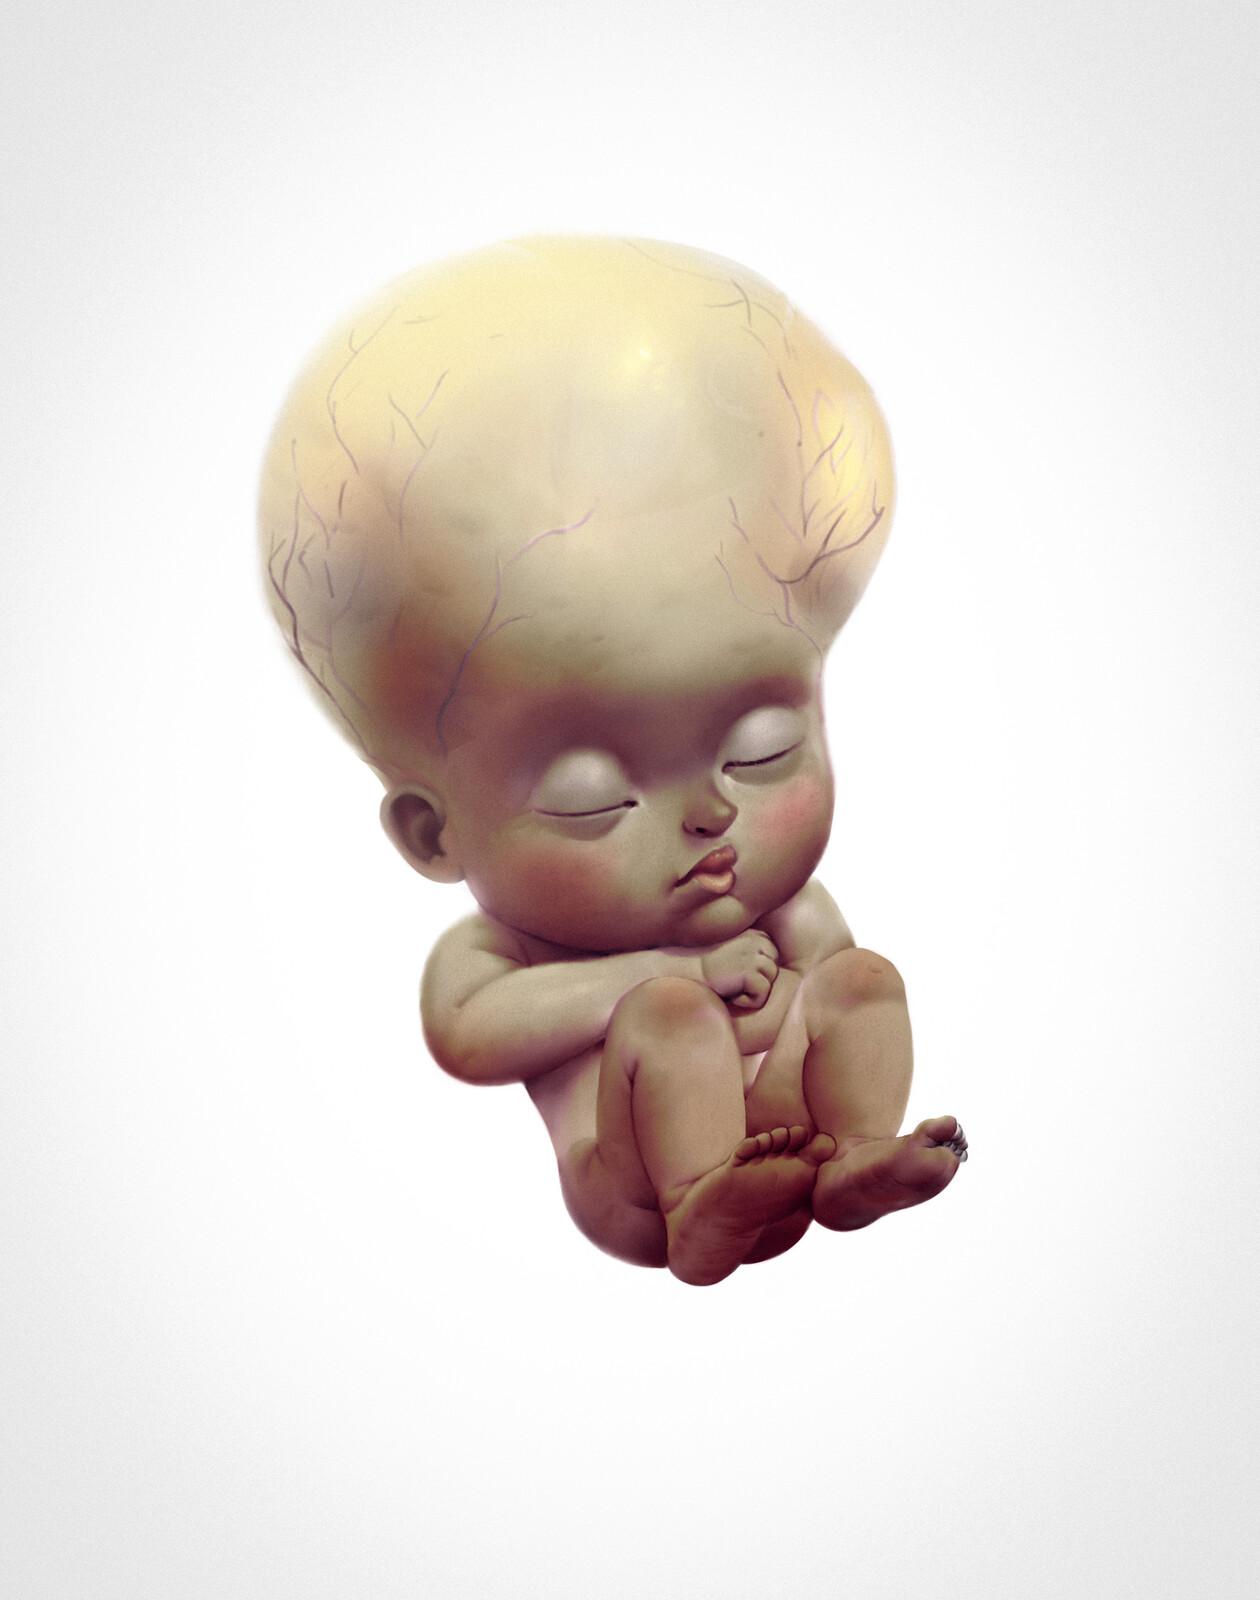 Smart fetus